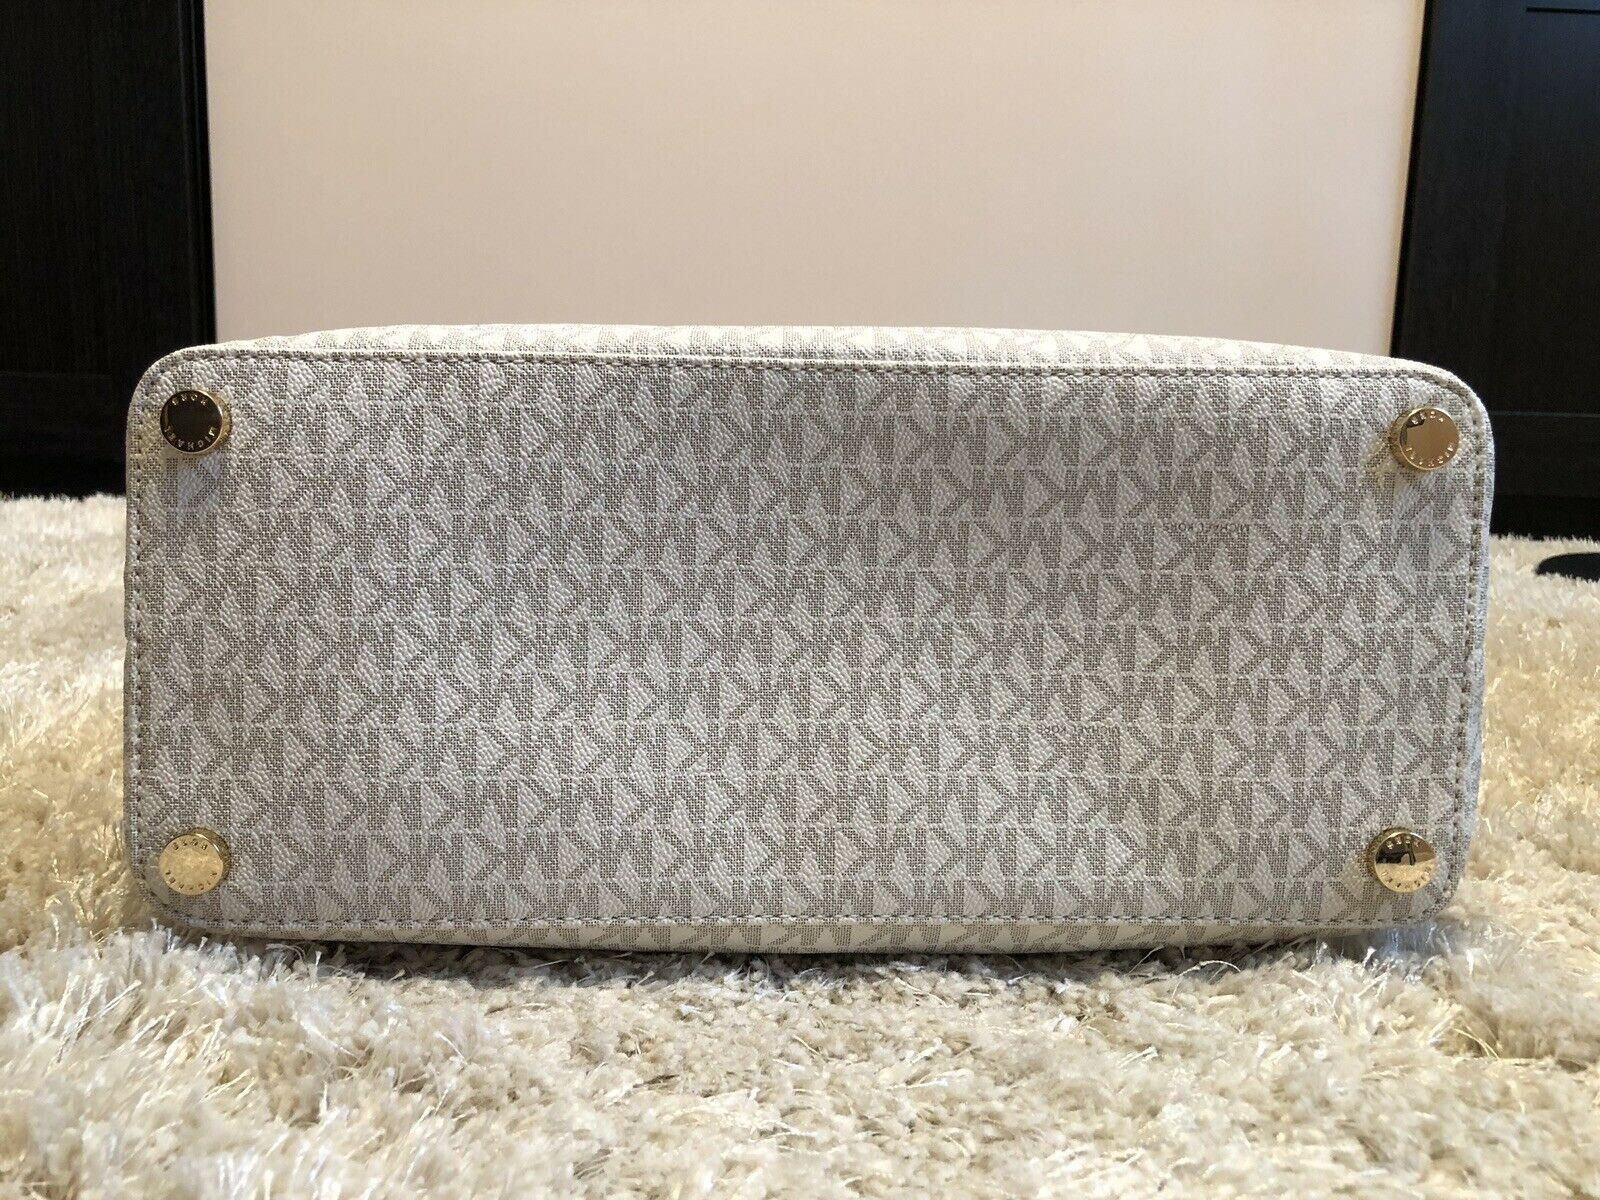 $248 NWT Michael Kors Morgan Large Tote Vanilla Handbag